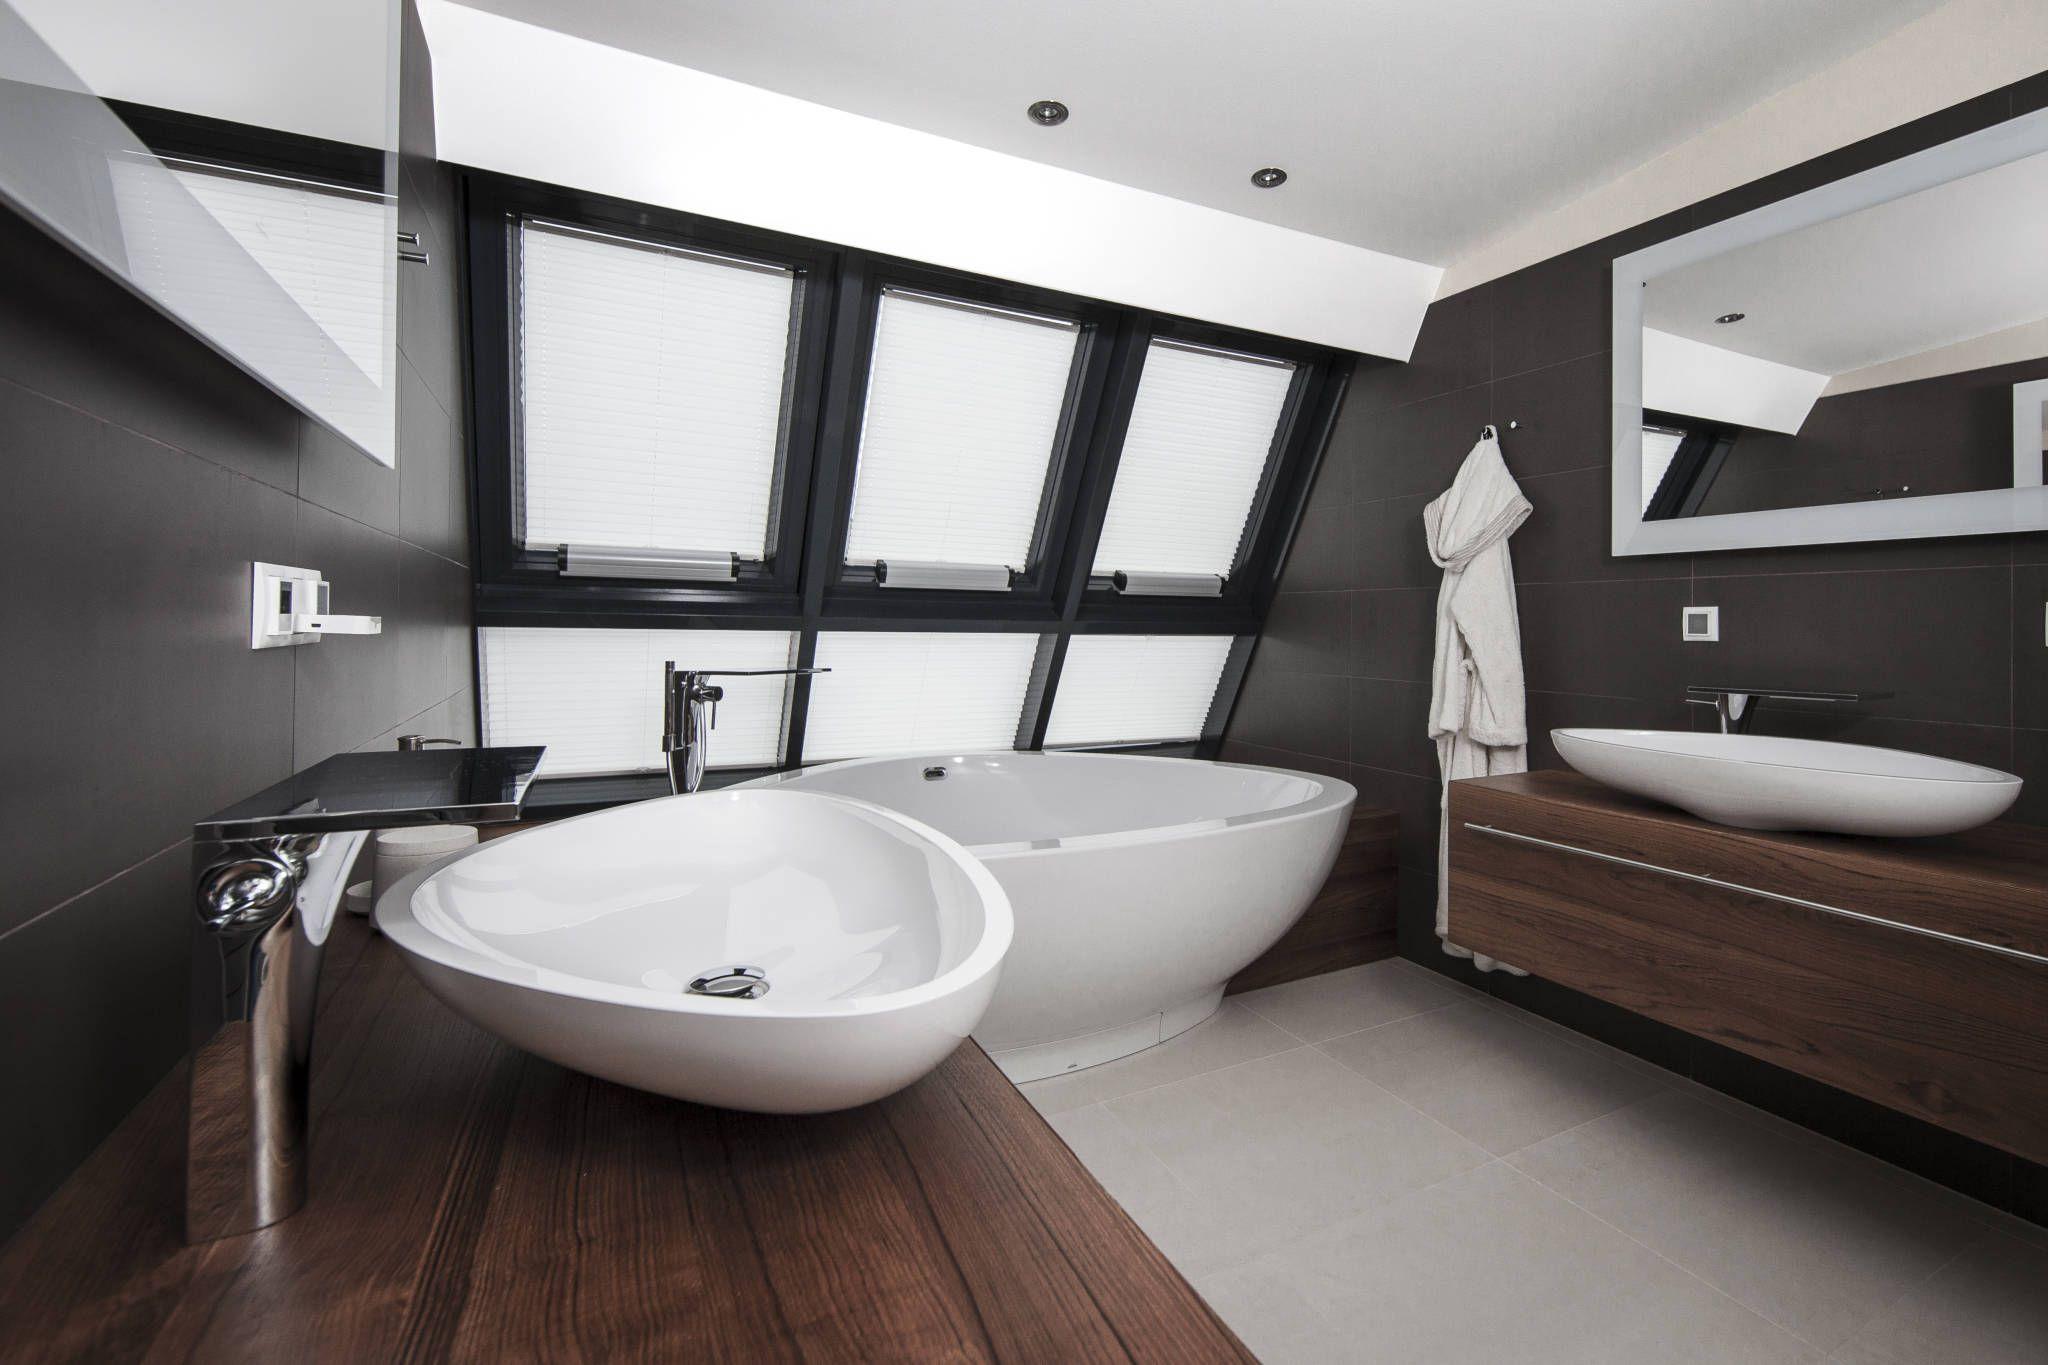 Klassische Badezimmer wohnideen interior design einrichtungsideen bilder